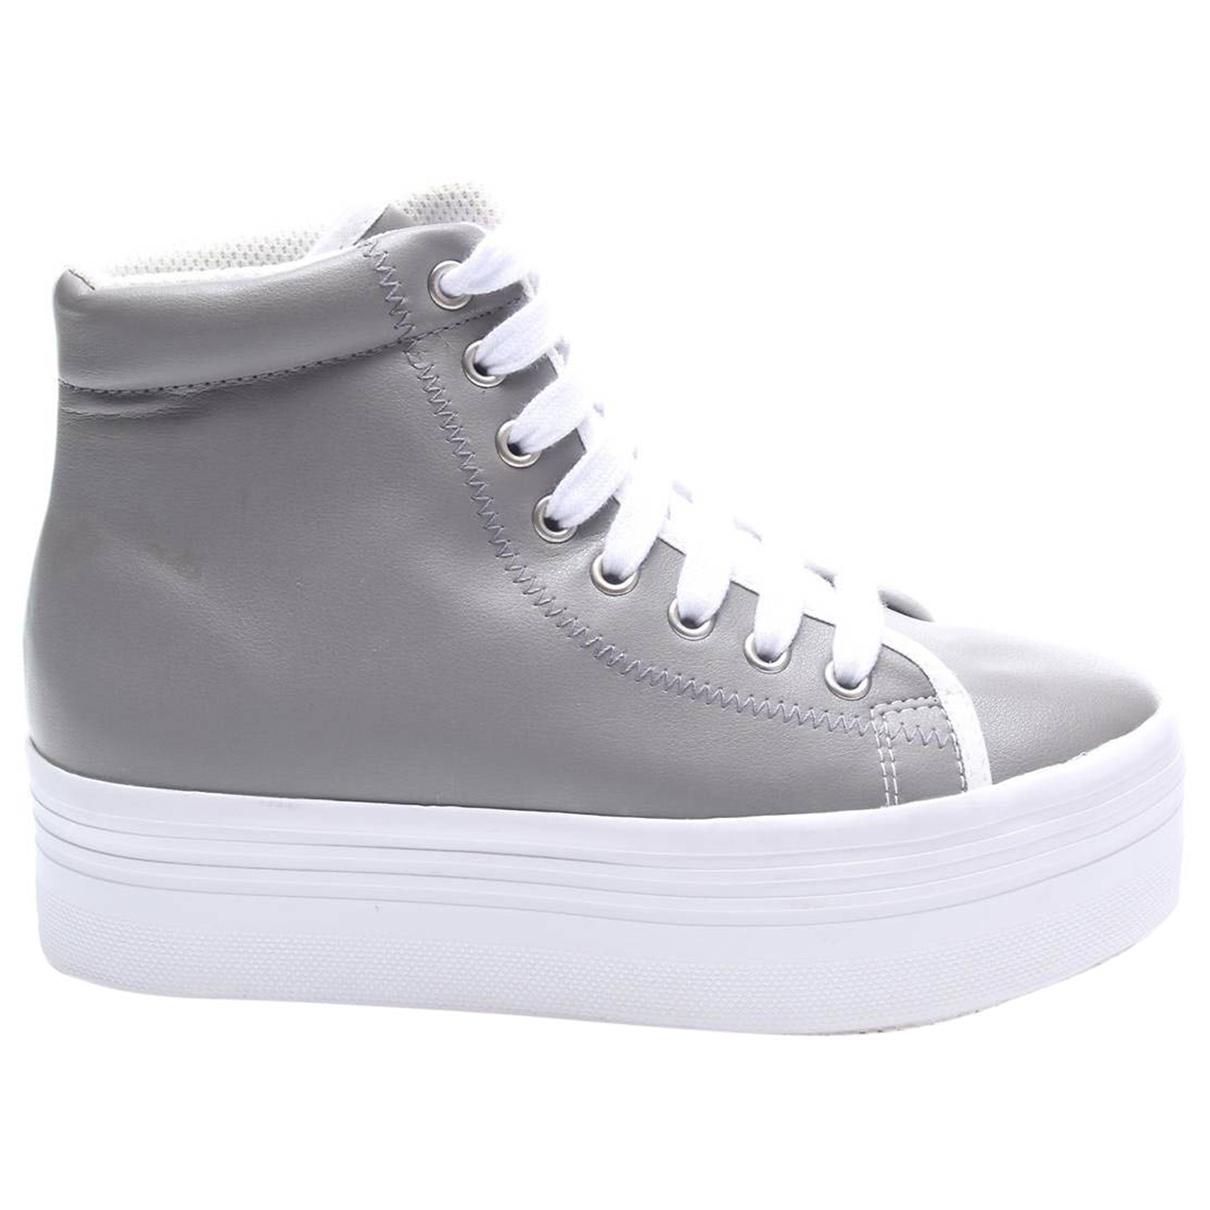 Jeffrey Campbell \N Sneakers in  Grau Leder